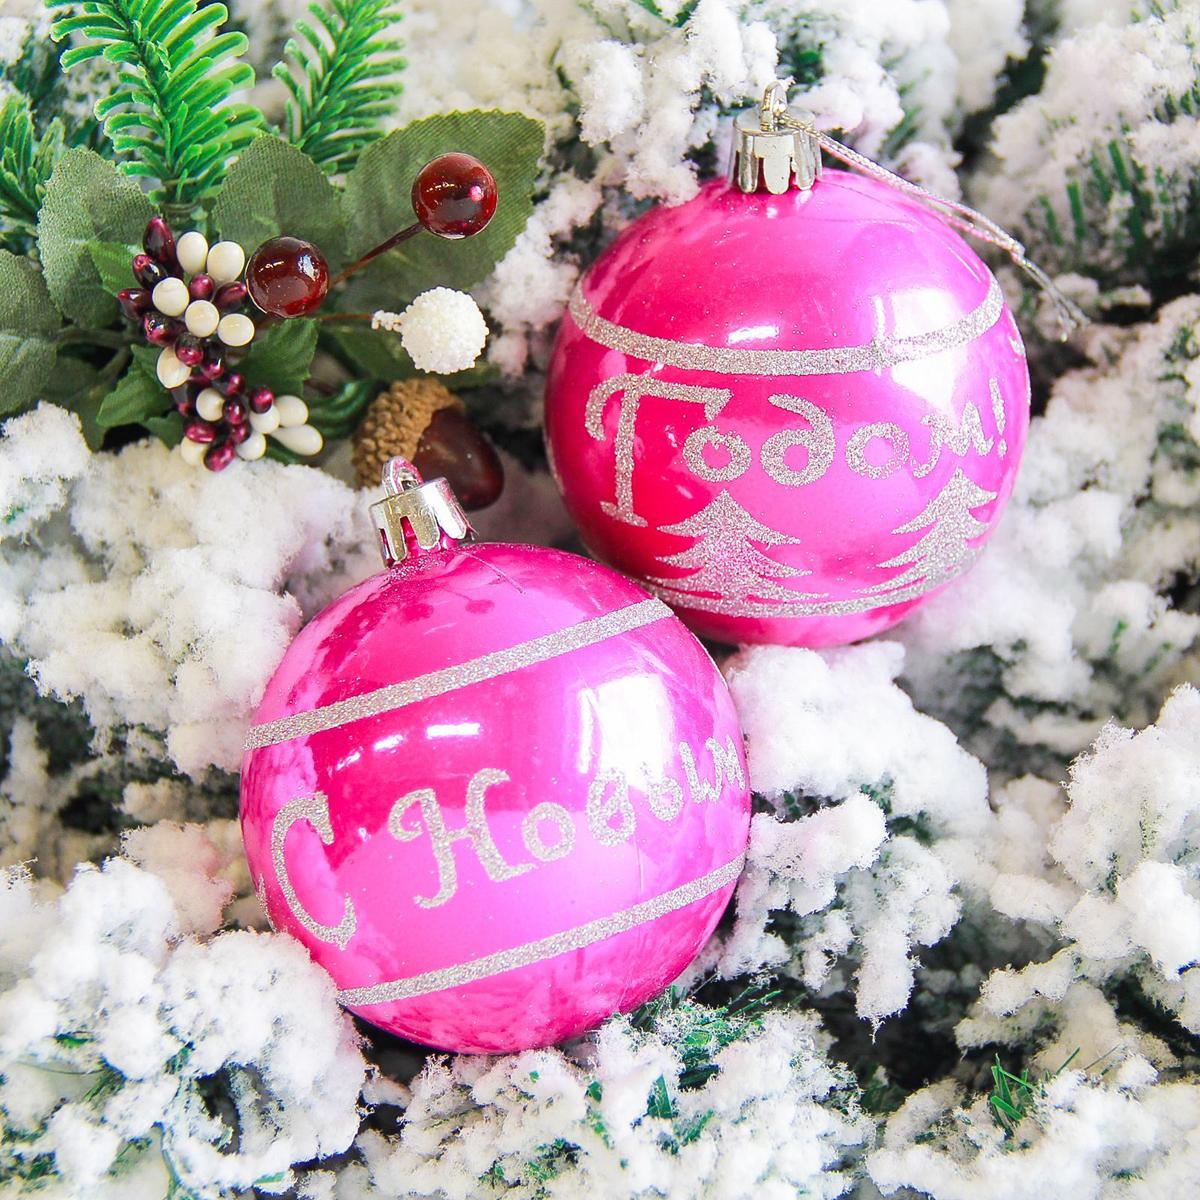 Набор новогодних подвесных украшений Sima-land С новым годом, диаметр 7 см, 6 шт2178215Набор новогодних подвесных украшений Sima-land отлично подойдет для декорации вашего дома и новогодней ели. С помощью специальной петельки украшение можно повесить в любом понравившемся вам месте. Но, конечно, удачнее всего оно будет смотреться на праздничной елке. Елочная игрушка - символ Нового года. Она несет в себе волшебство и красоту праздника. Создайте в своем доме атмосферу веселья и радости, украшая новогоднюю елку нарядными игрушками, которые будут из года в год накапливать теплоту воспоминаний.